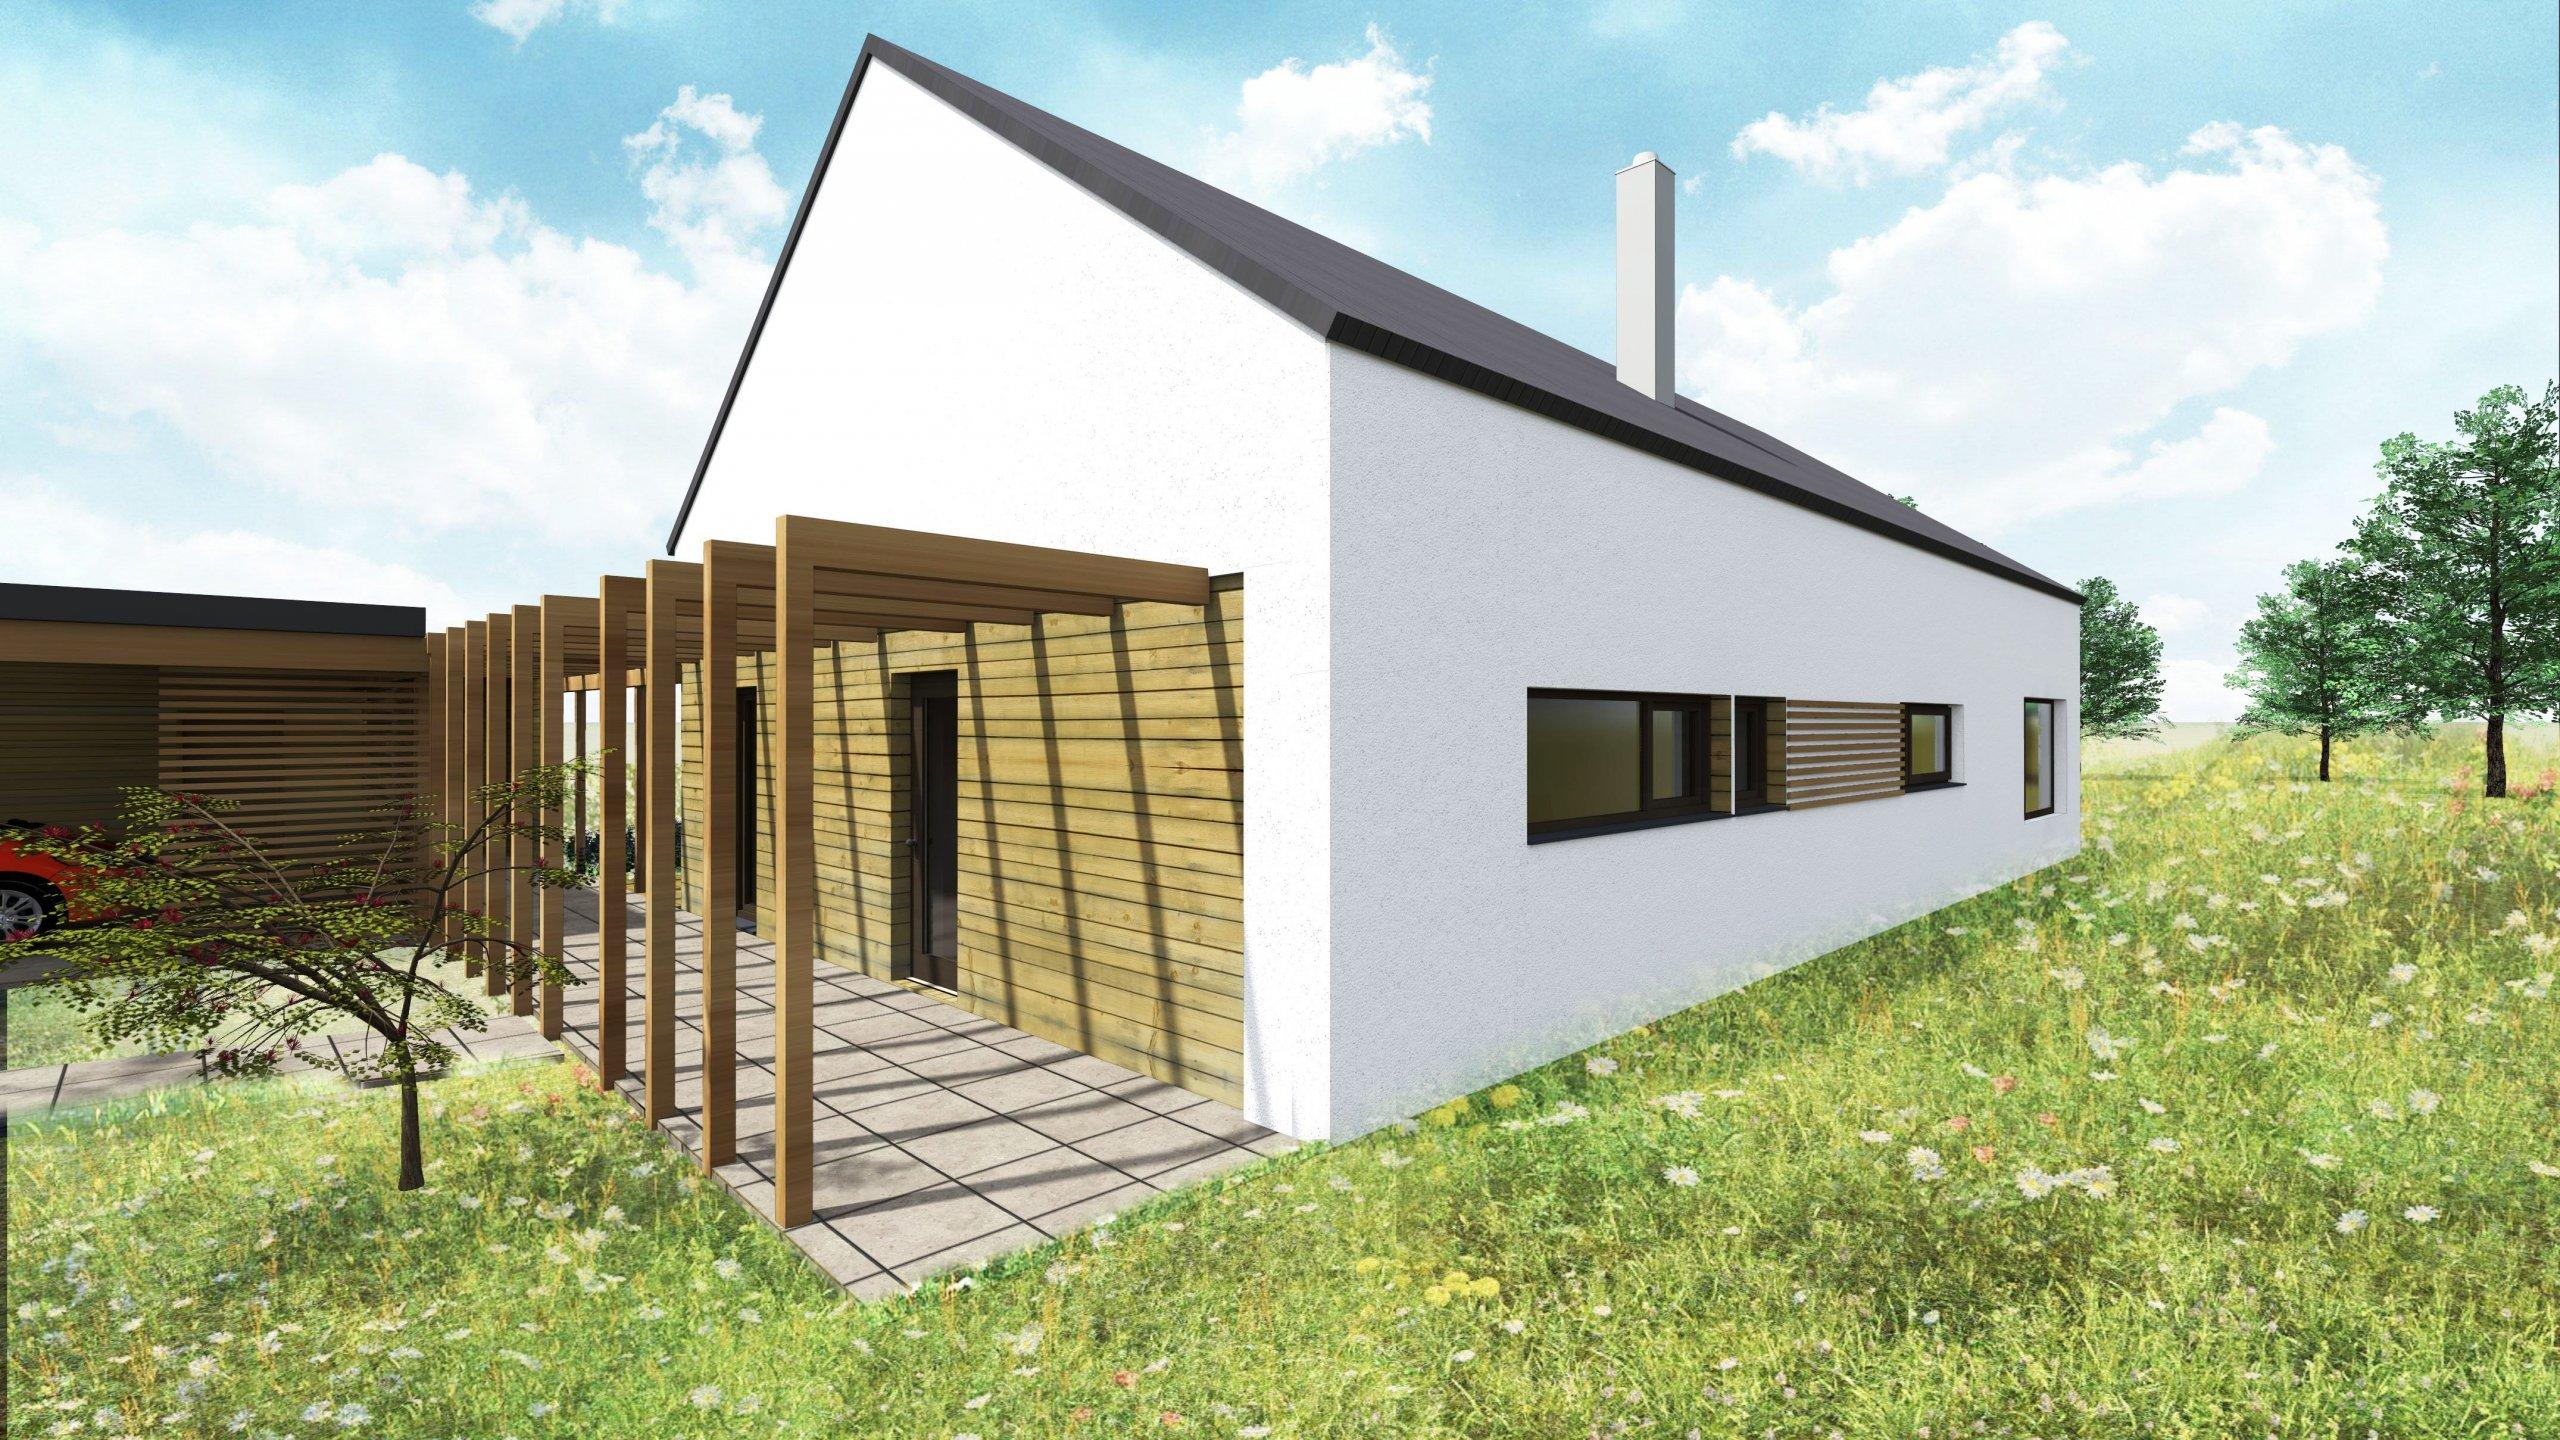 Příchod k domu dřevěným ochozem